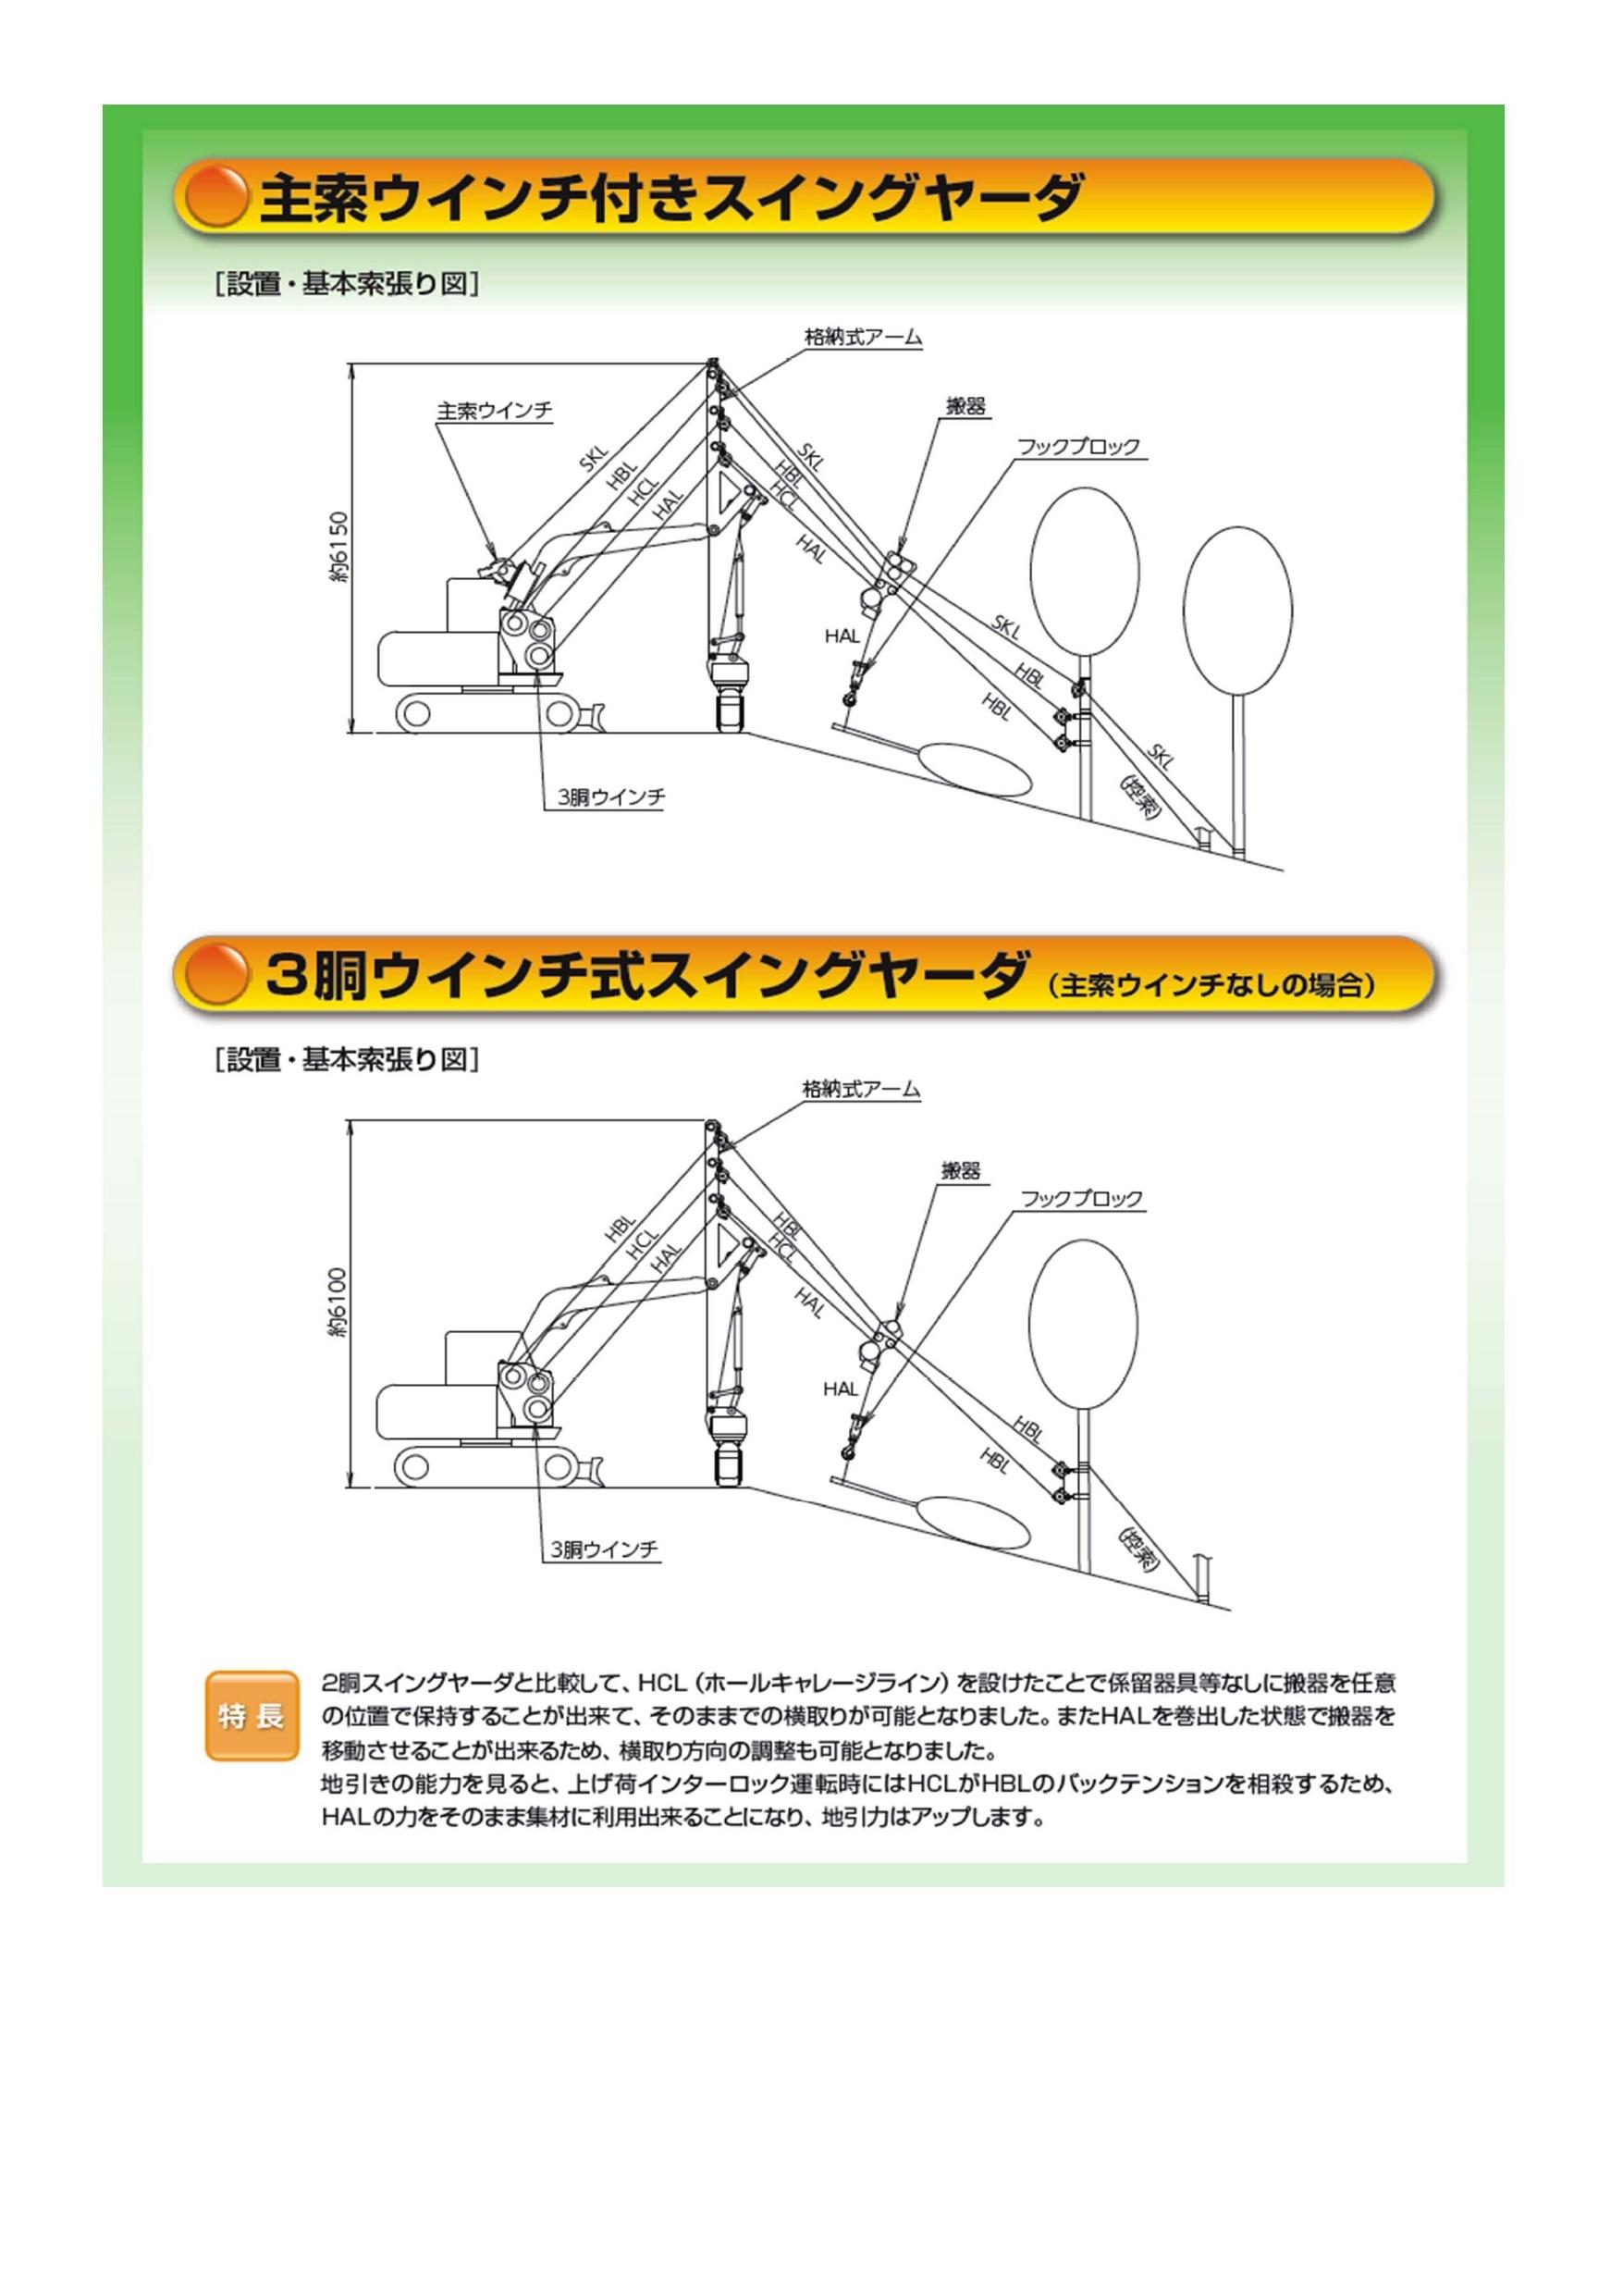 主索付きスイングヤーダ   全体図 _page-0001 (1)